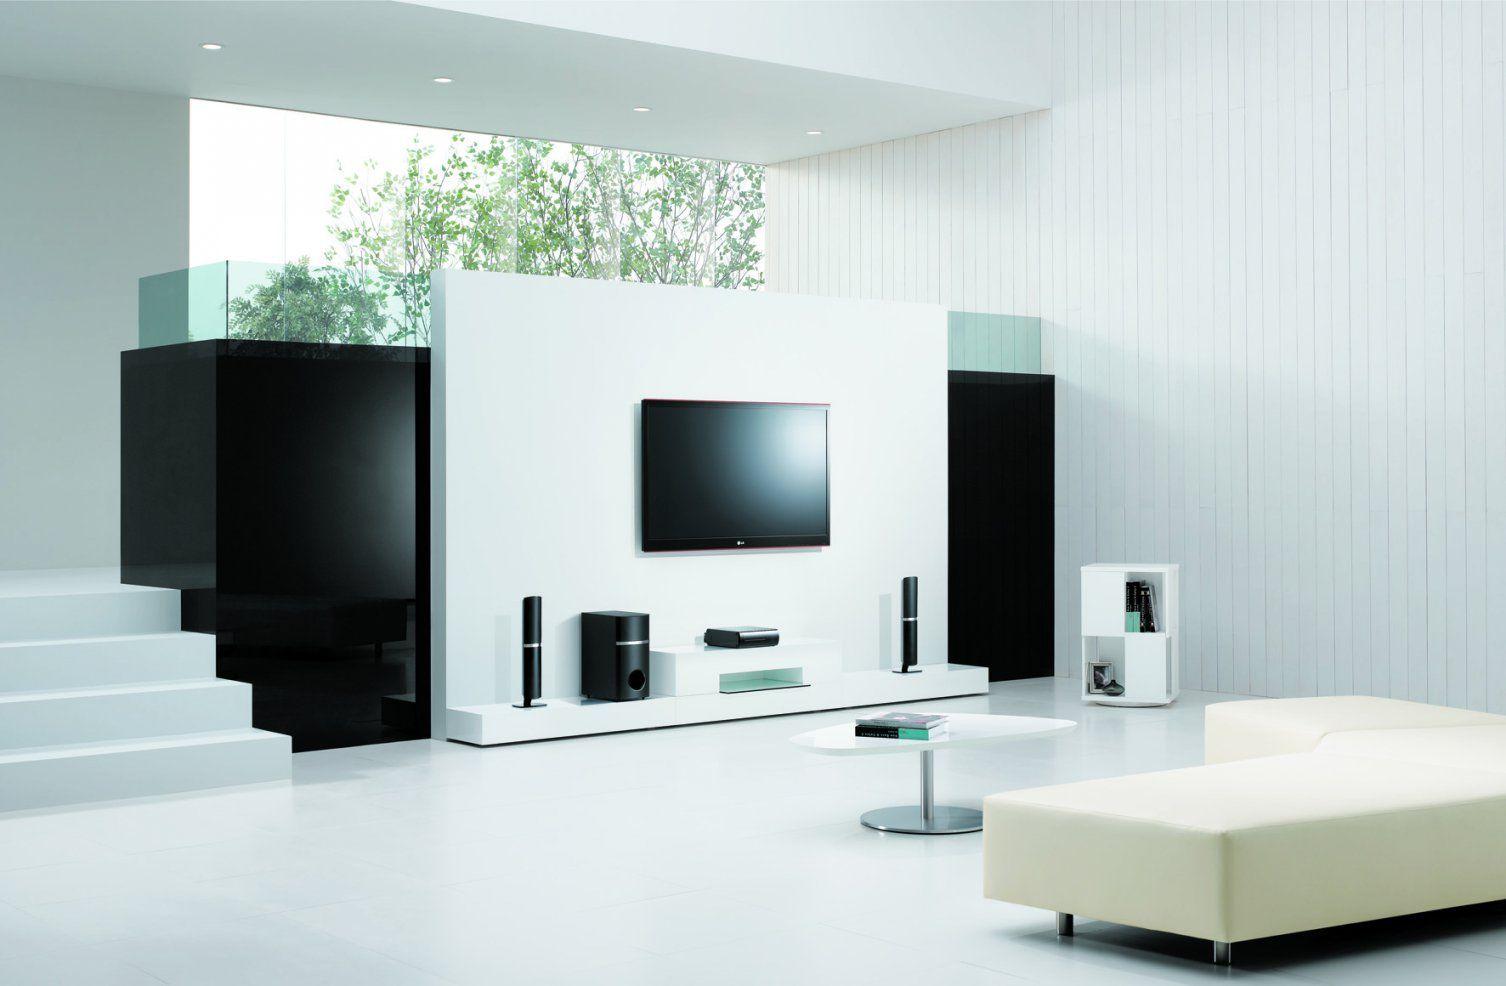 Fernseher An Die Wand Dekoration  Finden Sie Ihre Wohnung Dekor Stil von Fernseher An Die Wand Hängen Kabel Verstecken Bild